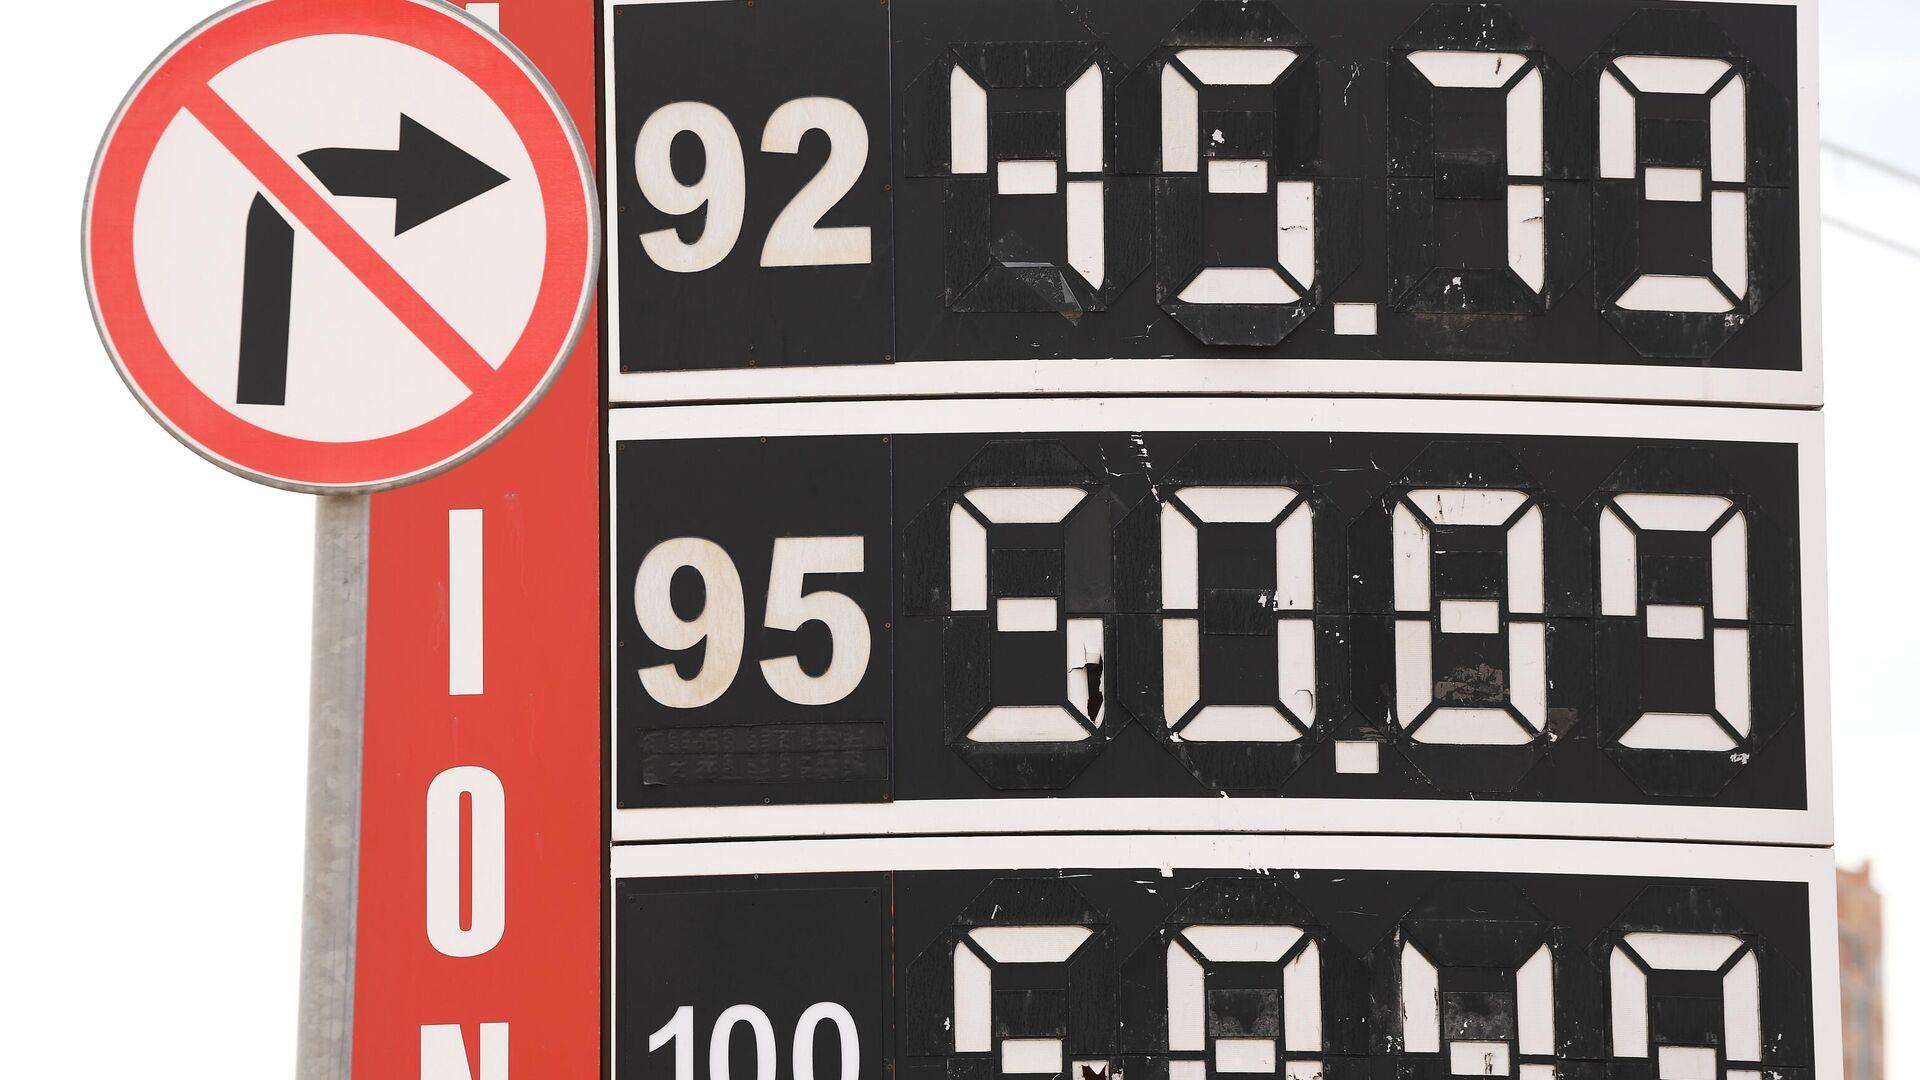 Цены на бензин на автозаправке Нефтьмагистраль в Москве - РИА Новости, 1920, 16.08.2021